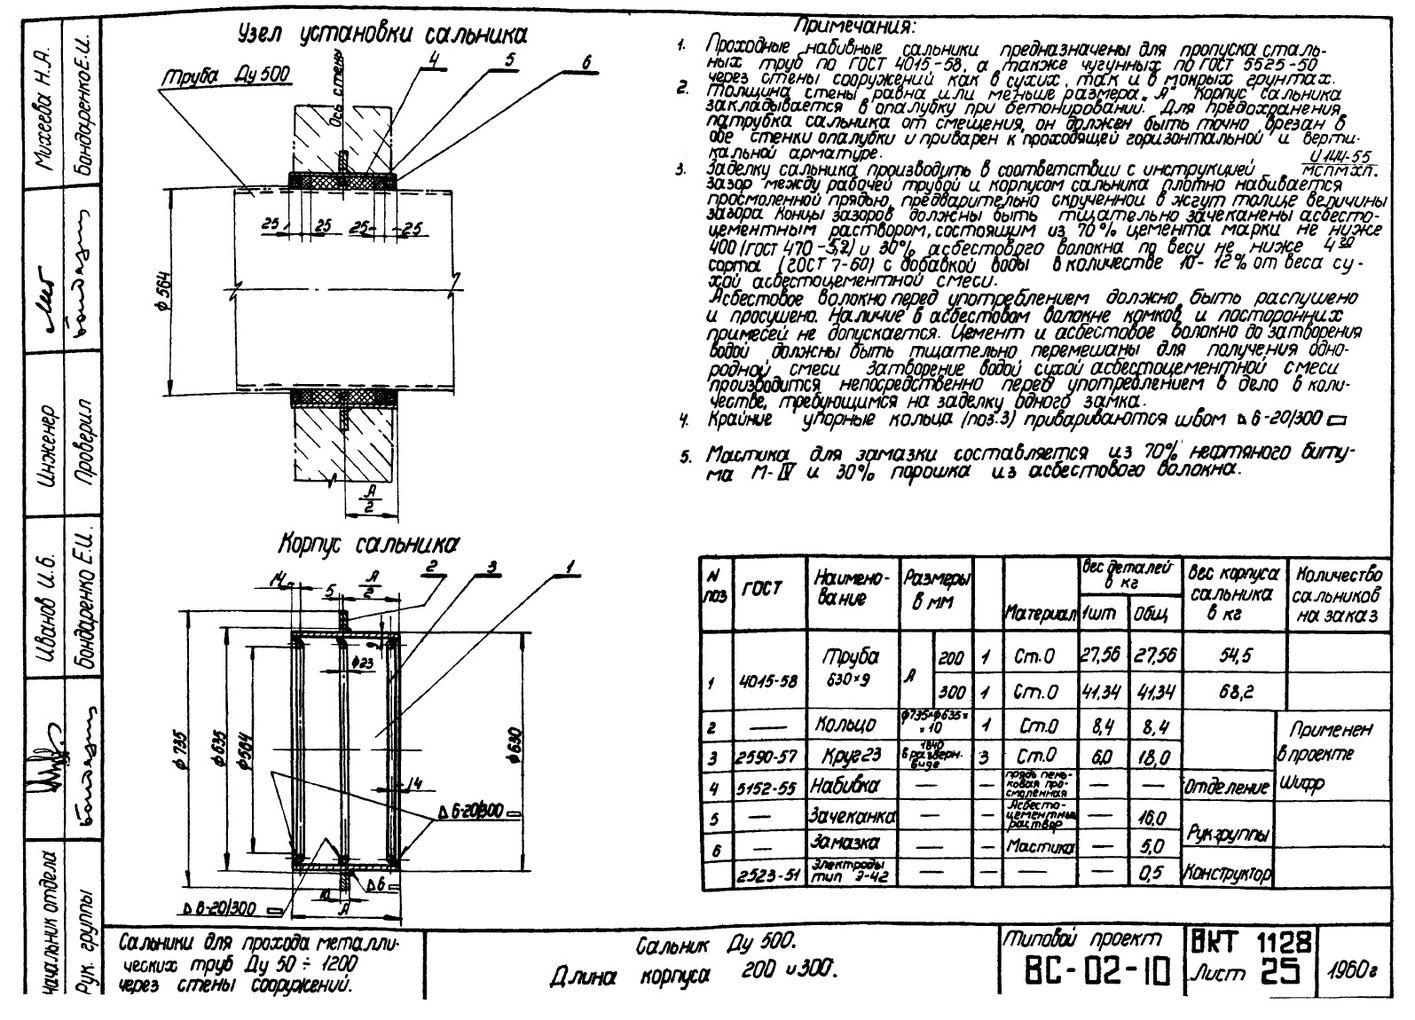 Сальники набивные L = 200 мм типовой проект ВС-02-10 стр.12